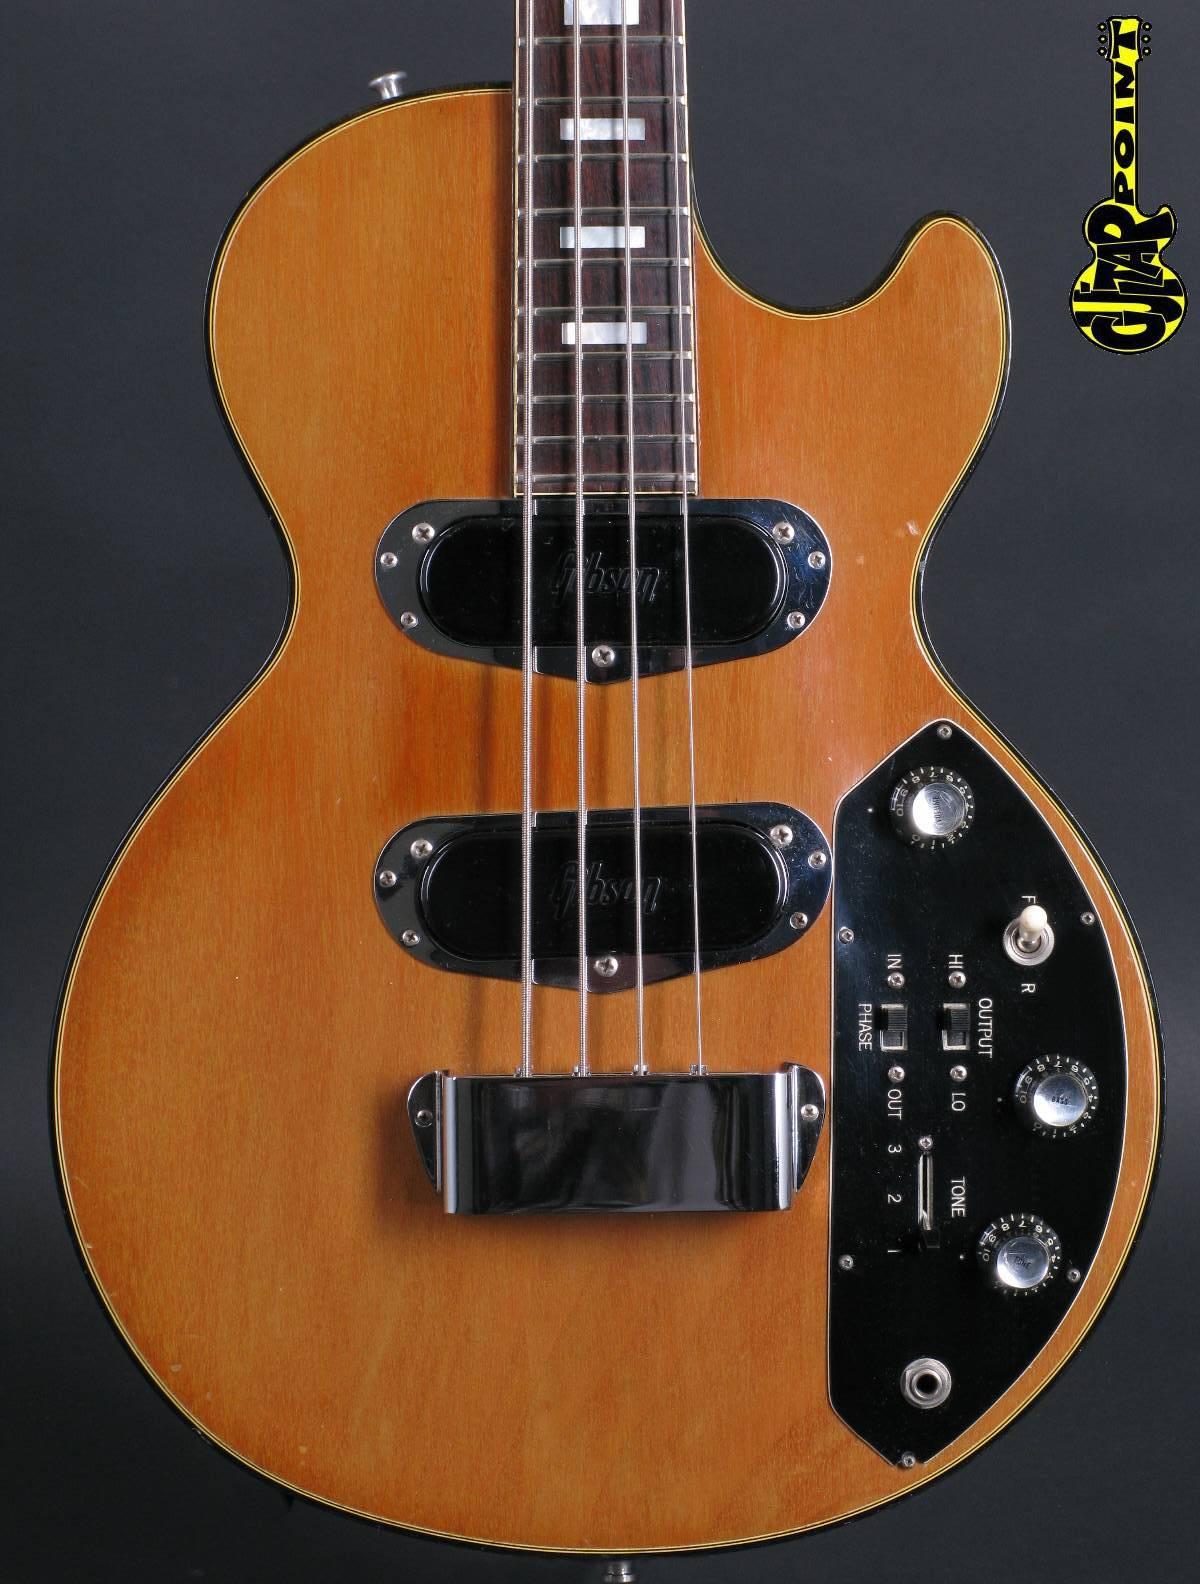 1972 Gibson Les Paul Triumph Bass - Natural